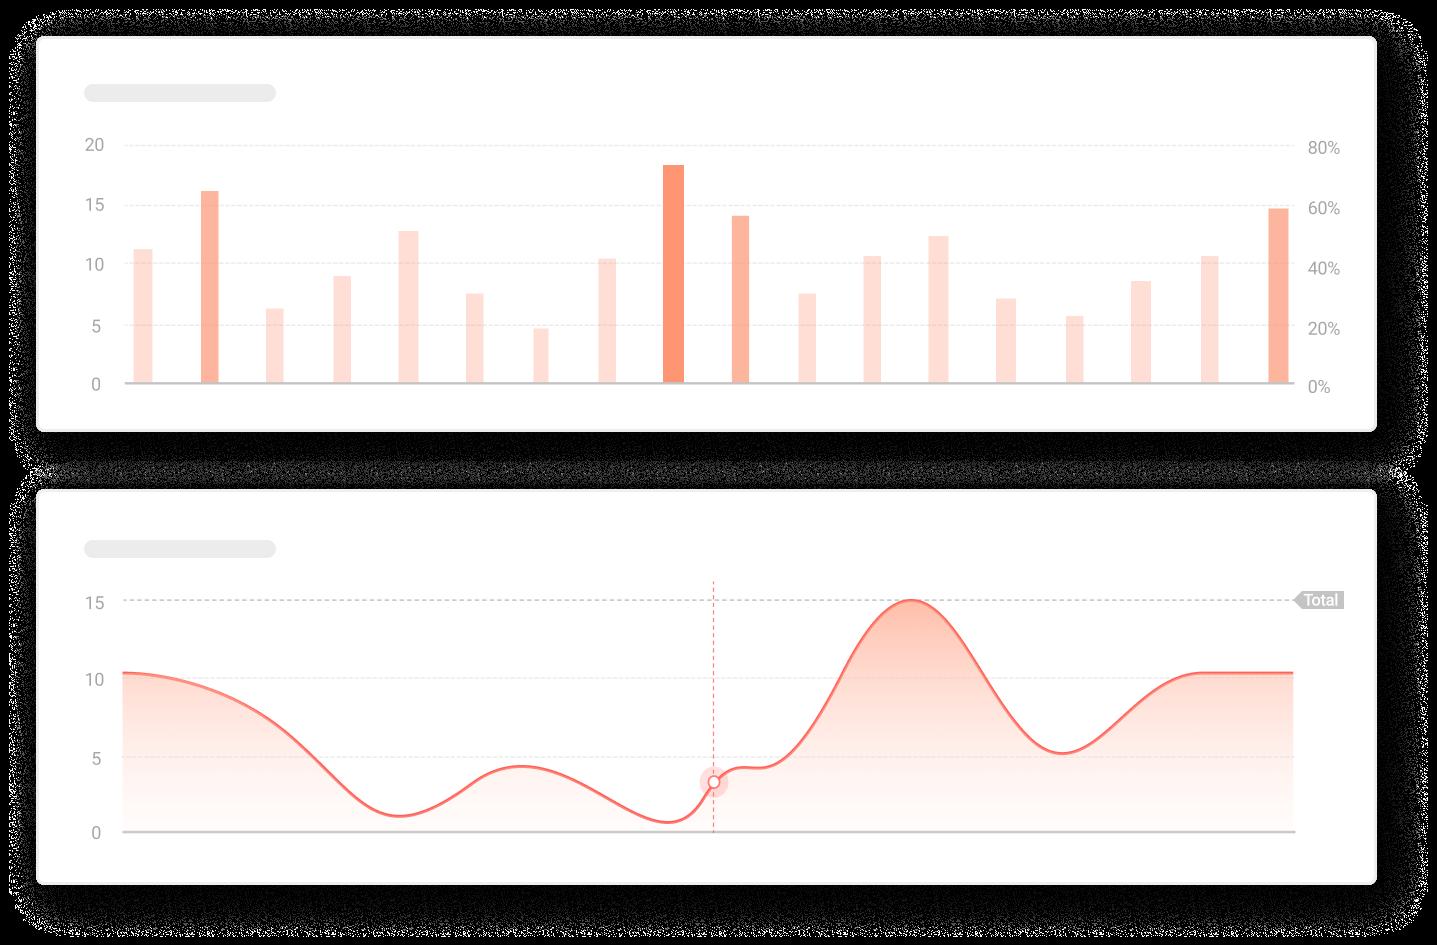 Graphs representing data analytics and statistics